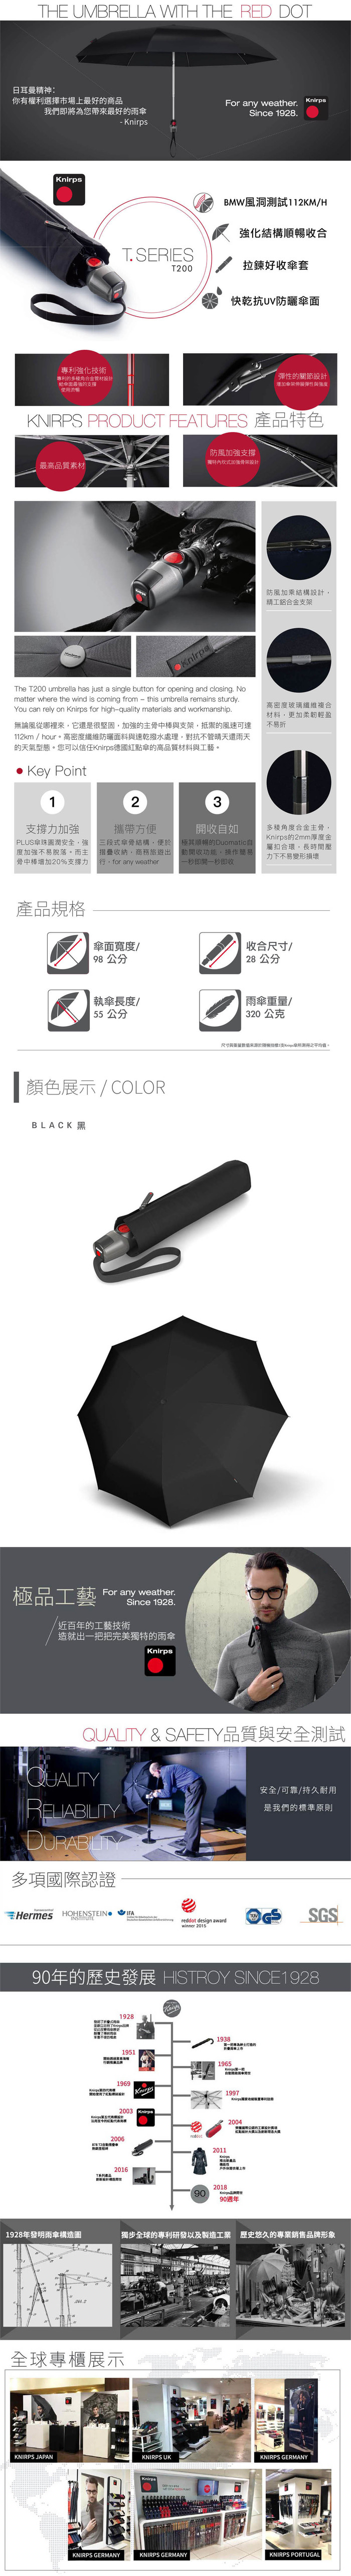 (複製)Knirps德國紅點傘|T.200 自動開收傘- Life grey